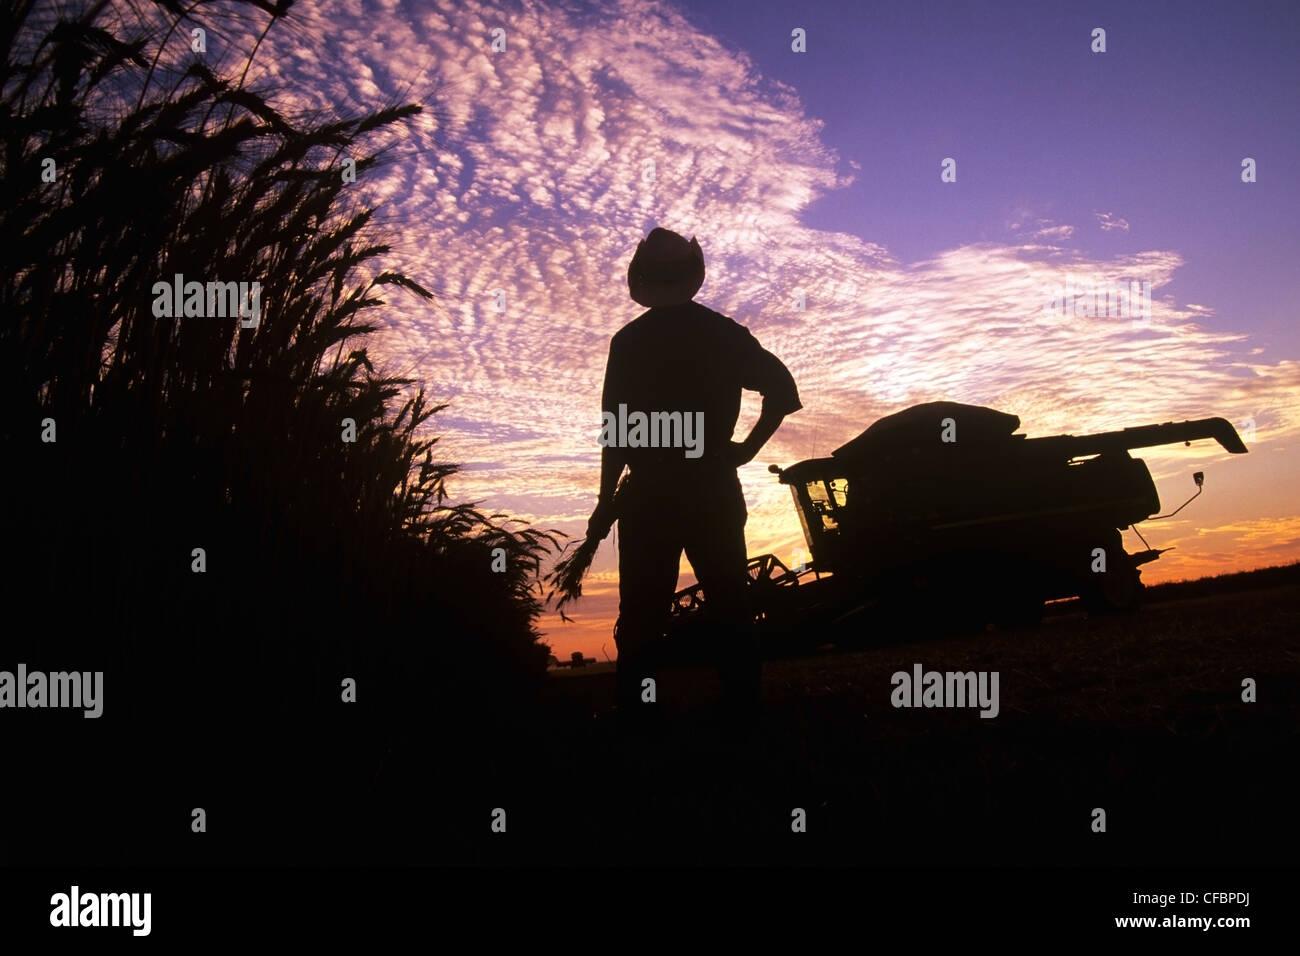 Un agricoltore che detiene frumento invernale si affaccia sul suo campo e attrezzatura di raccolta al tramonto vicino Immagini Stock